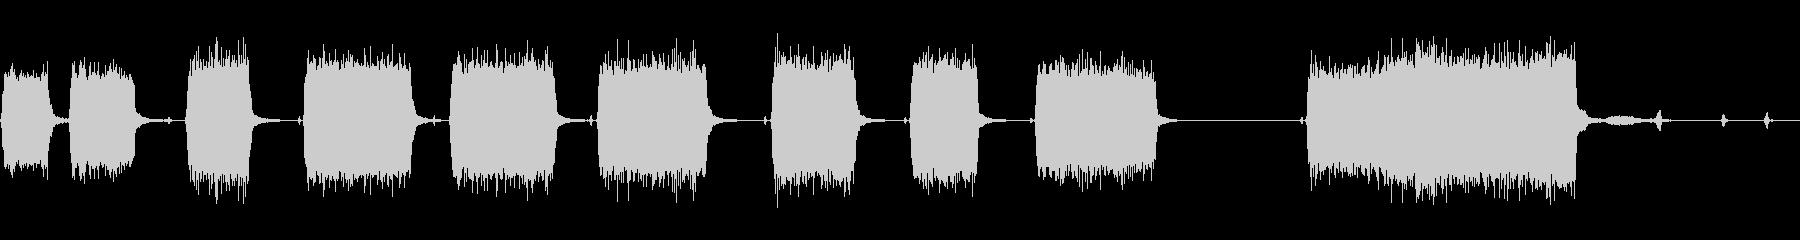 プロフェッショナルオートモーティブ...の未再生の波形